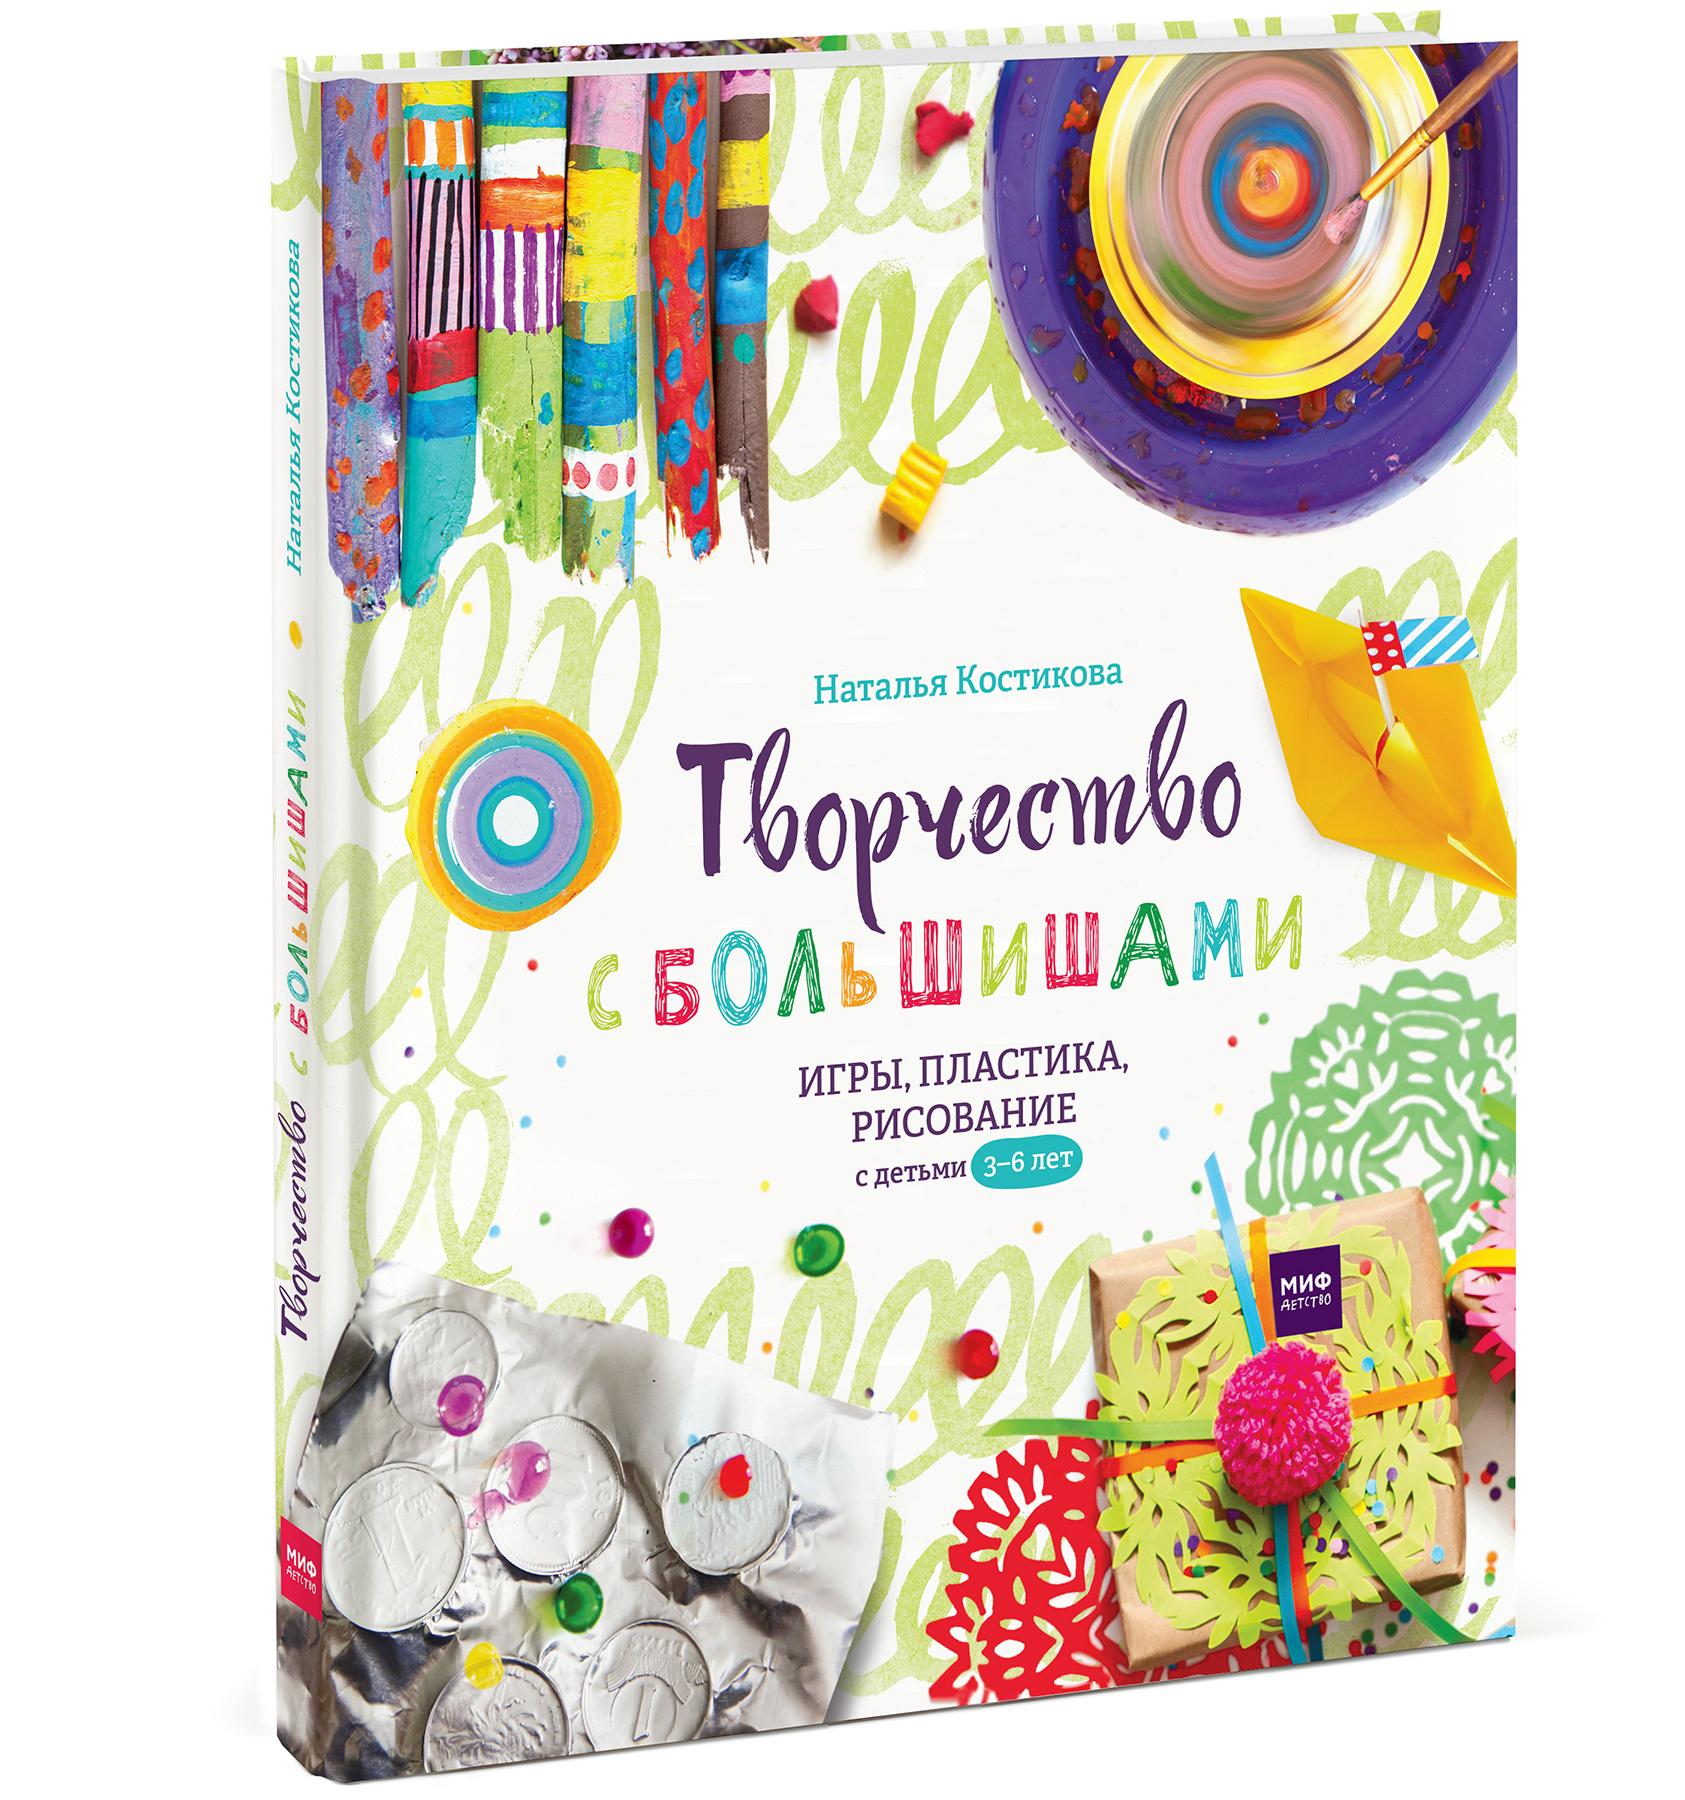 Наталья Костикова Творчество с большишами. Игры, пластика, рисование с детьми 3-6 лет